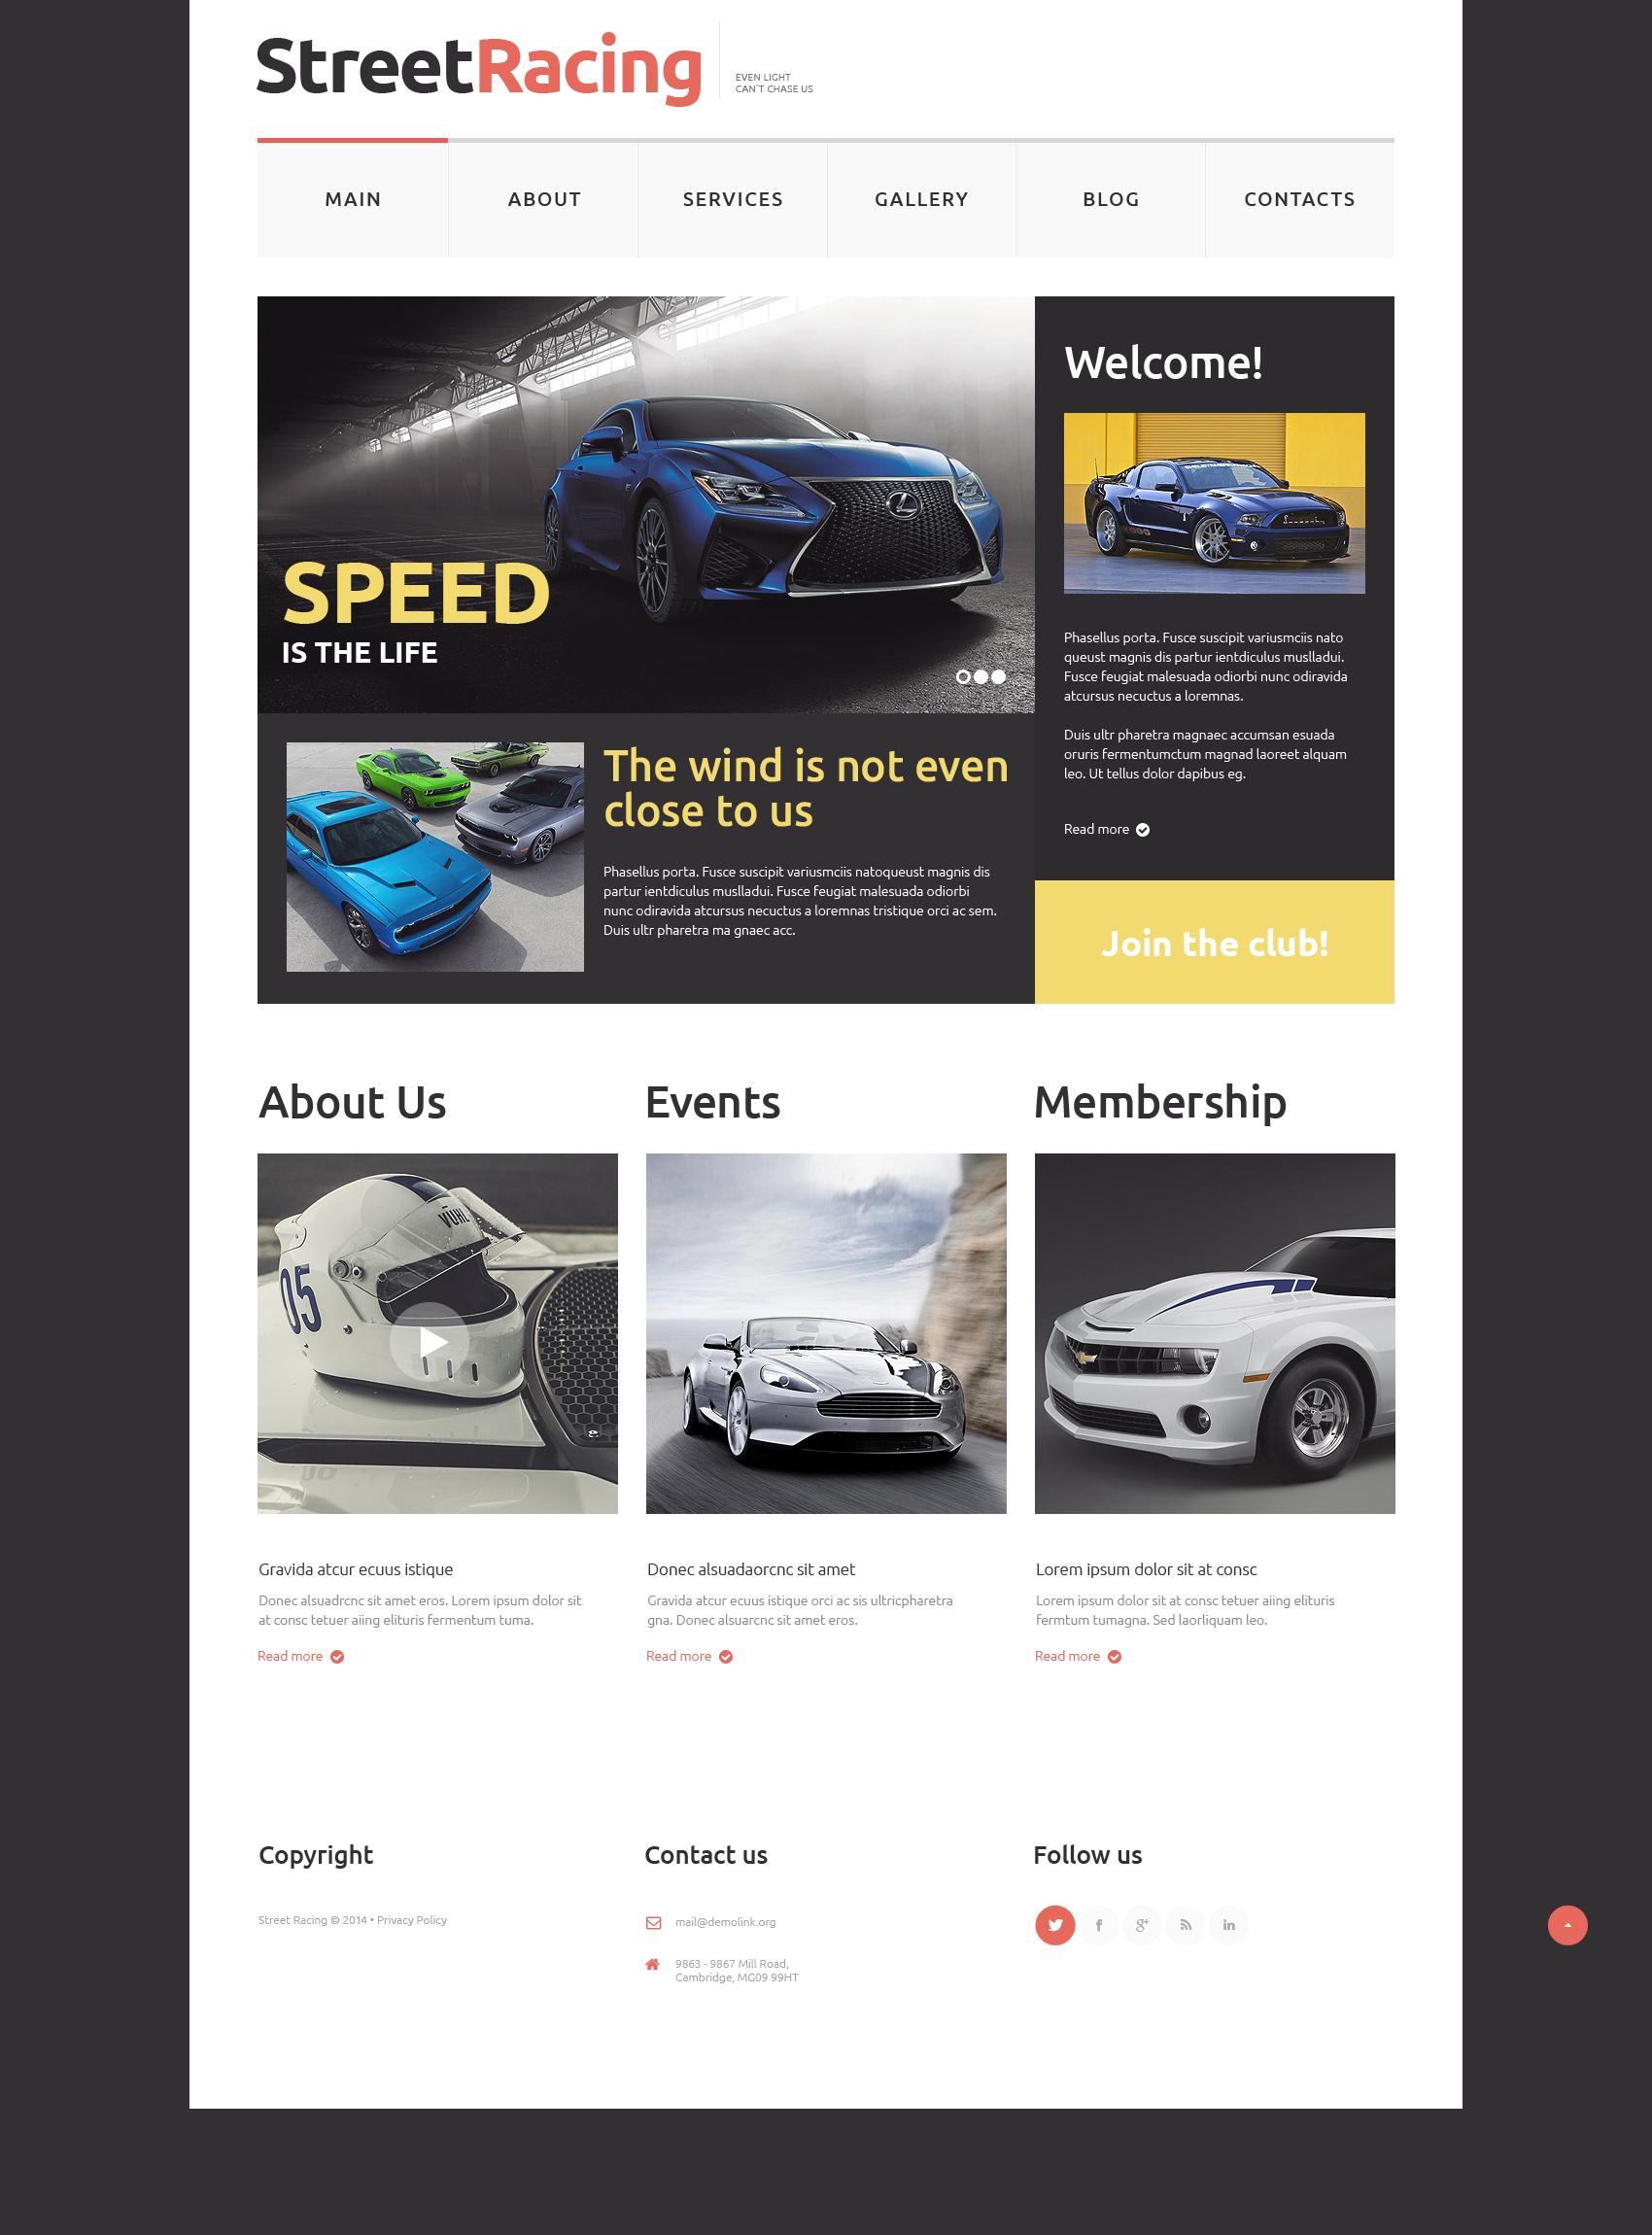 Modèle Web adaptatif pour site de course automobile #50728 - screenshot